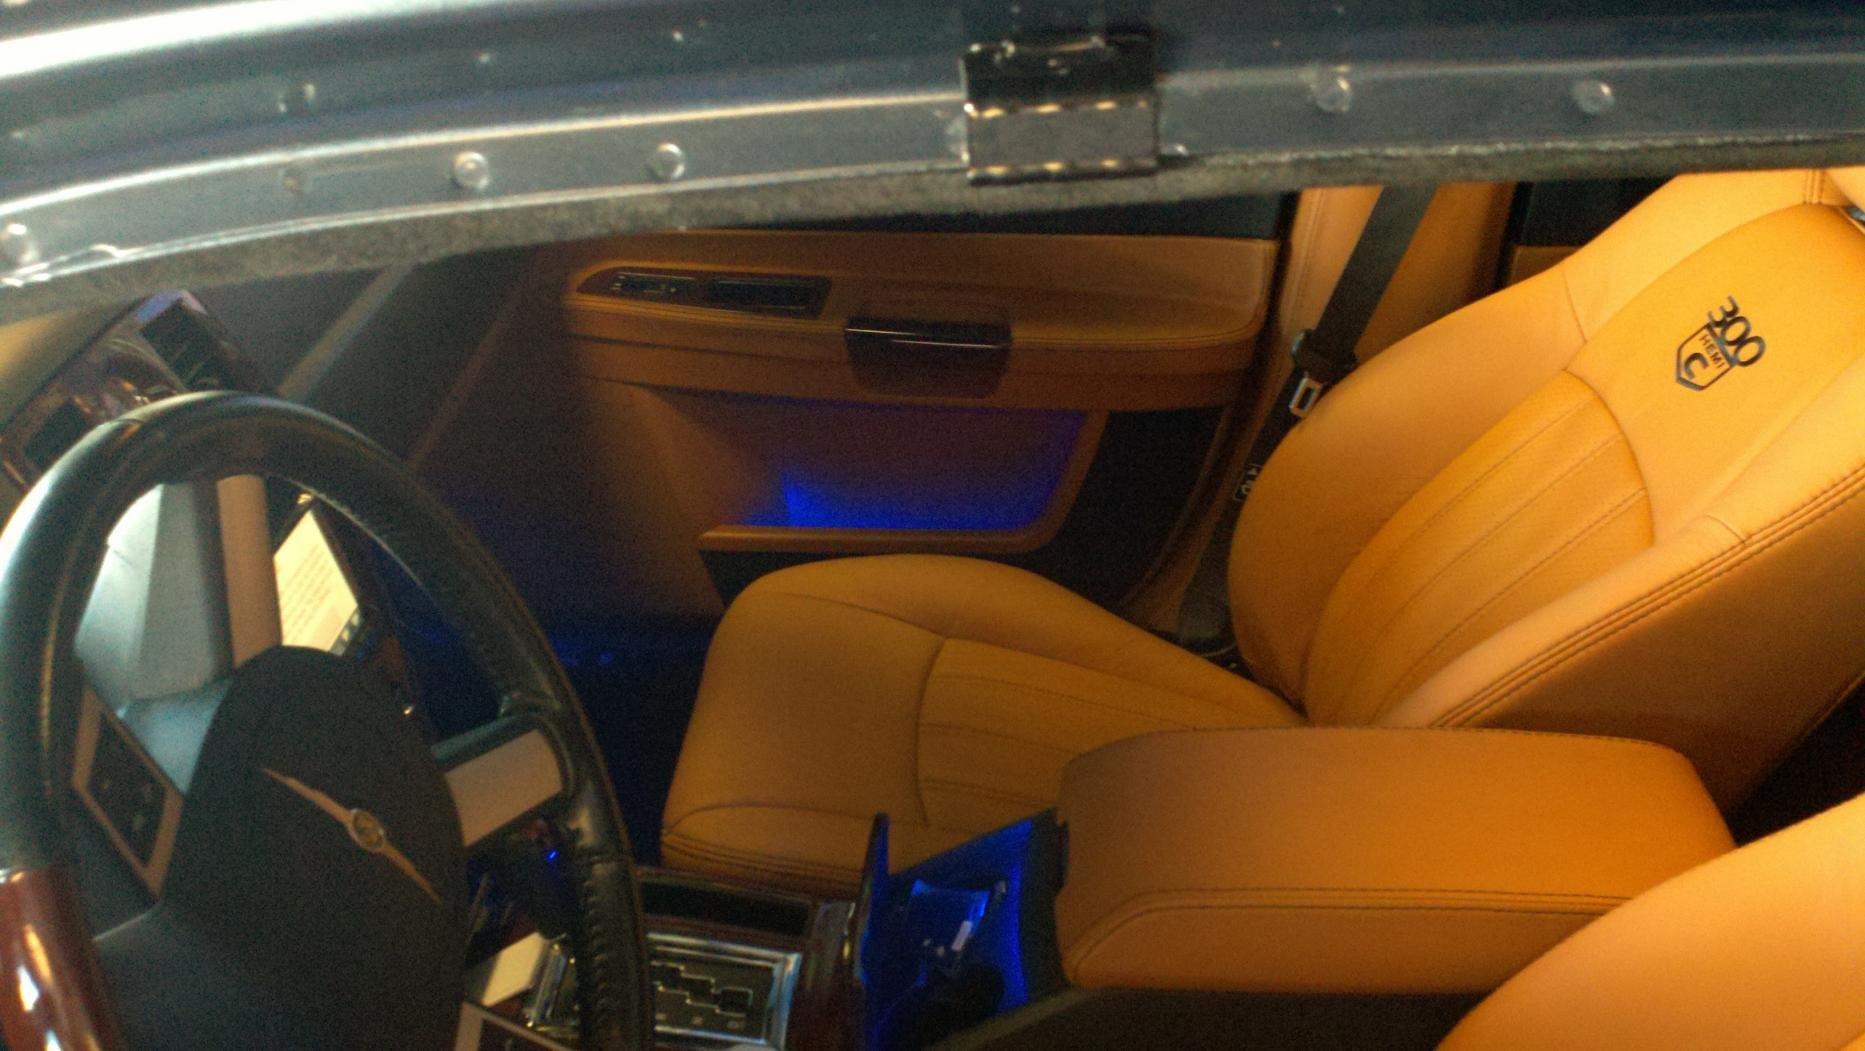 chrysler cars interior wallpaper